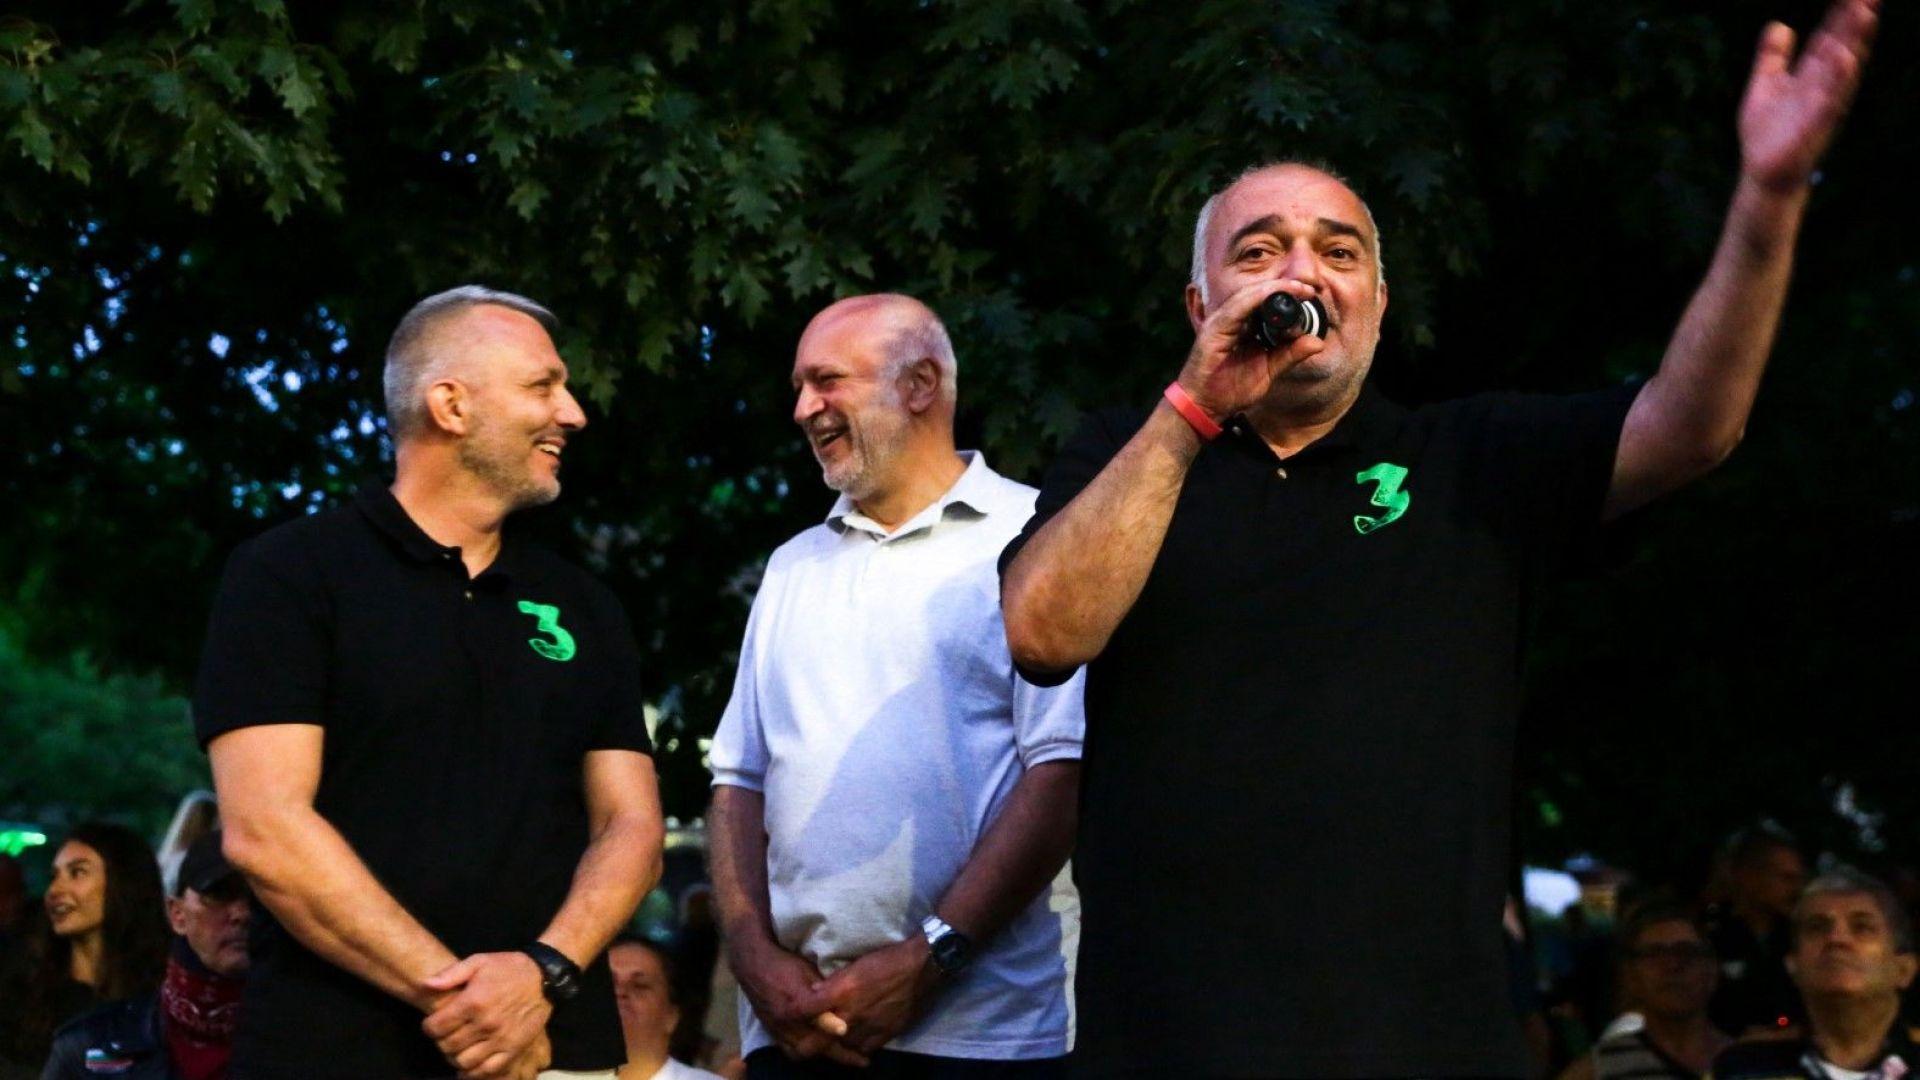 Арман Бабикян: Правим комитети в страната, които да се включат в широка коалиция